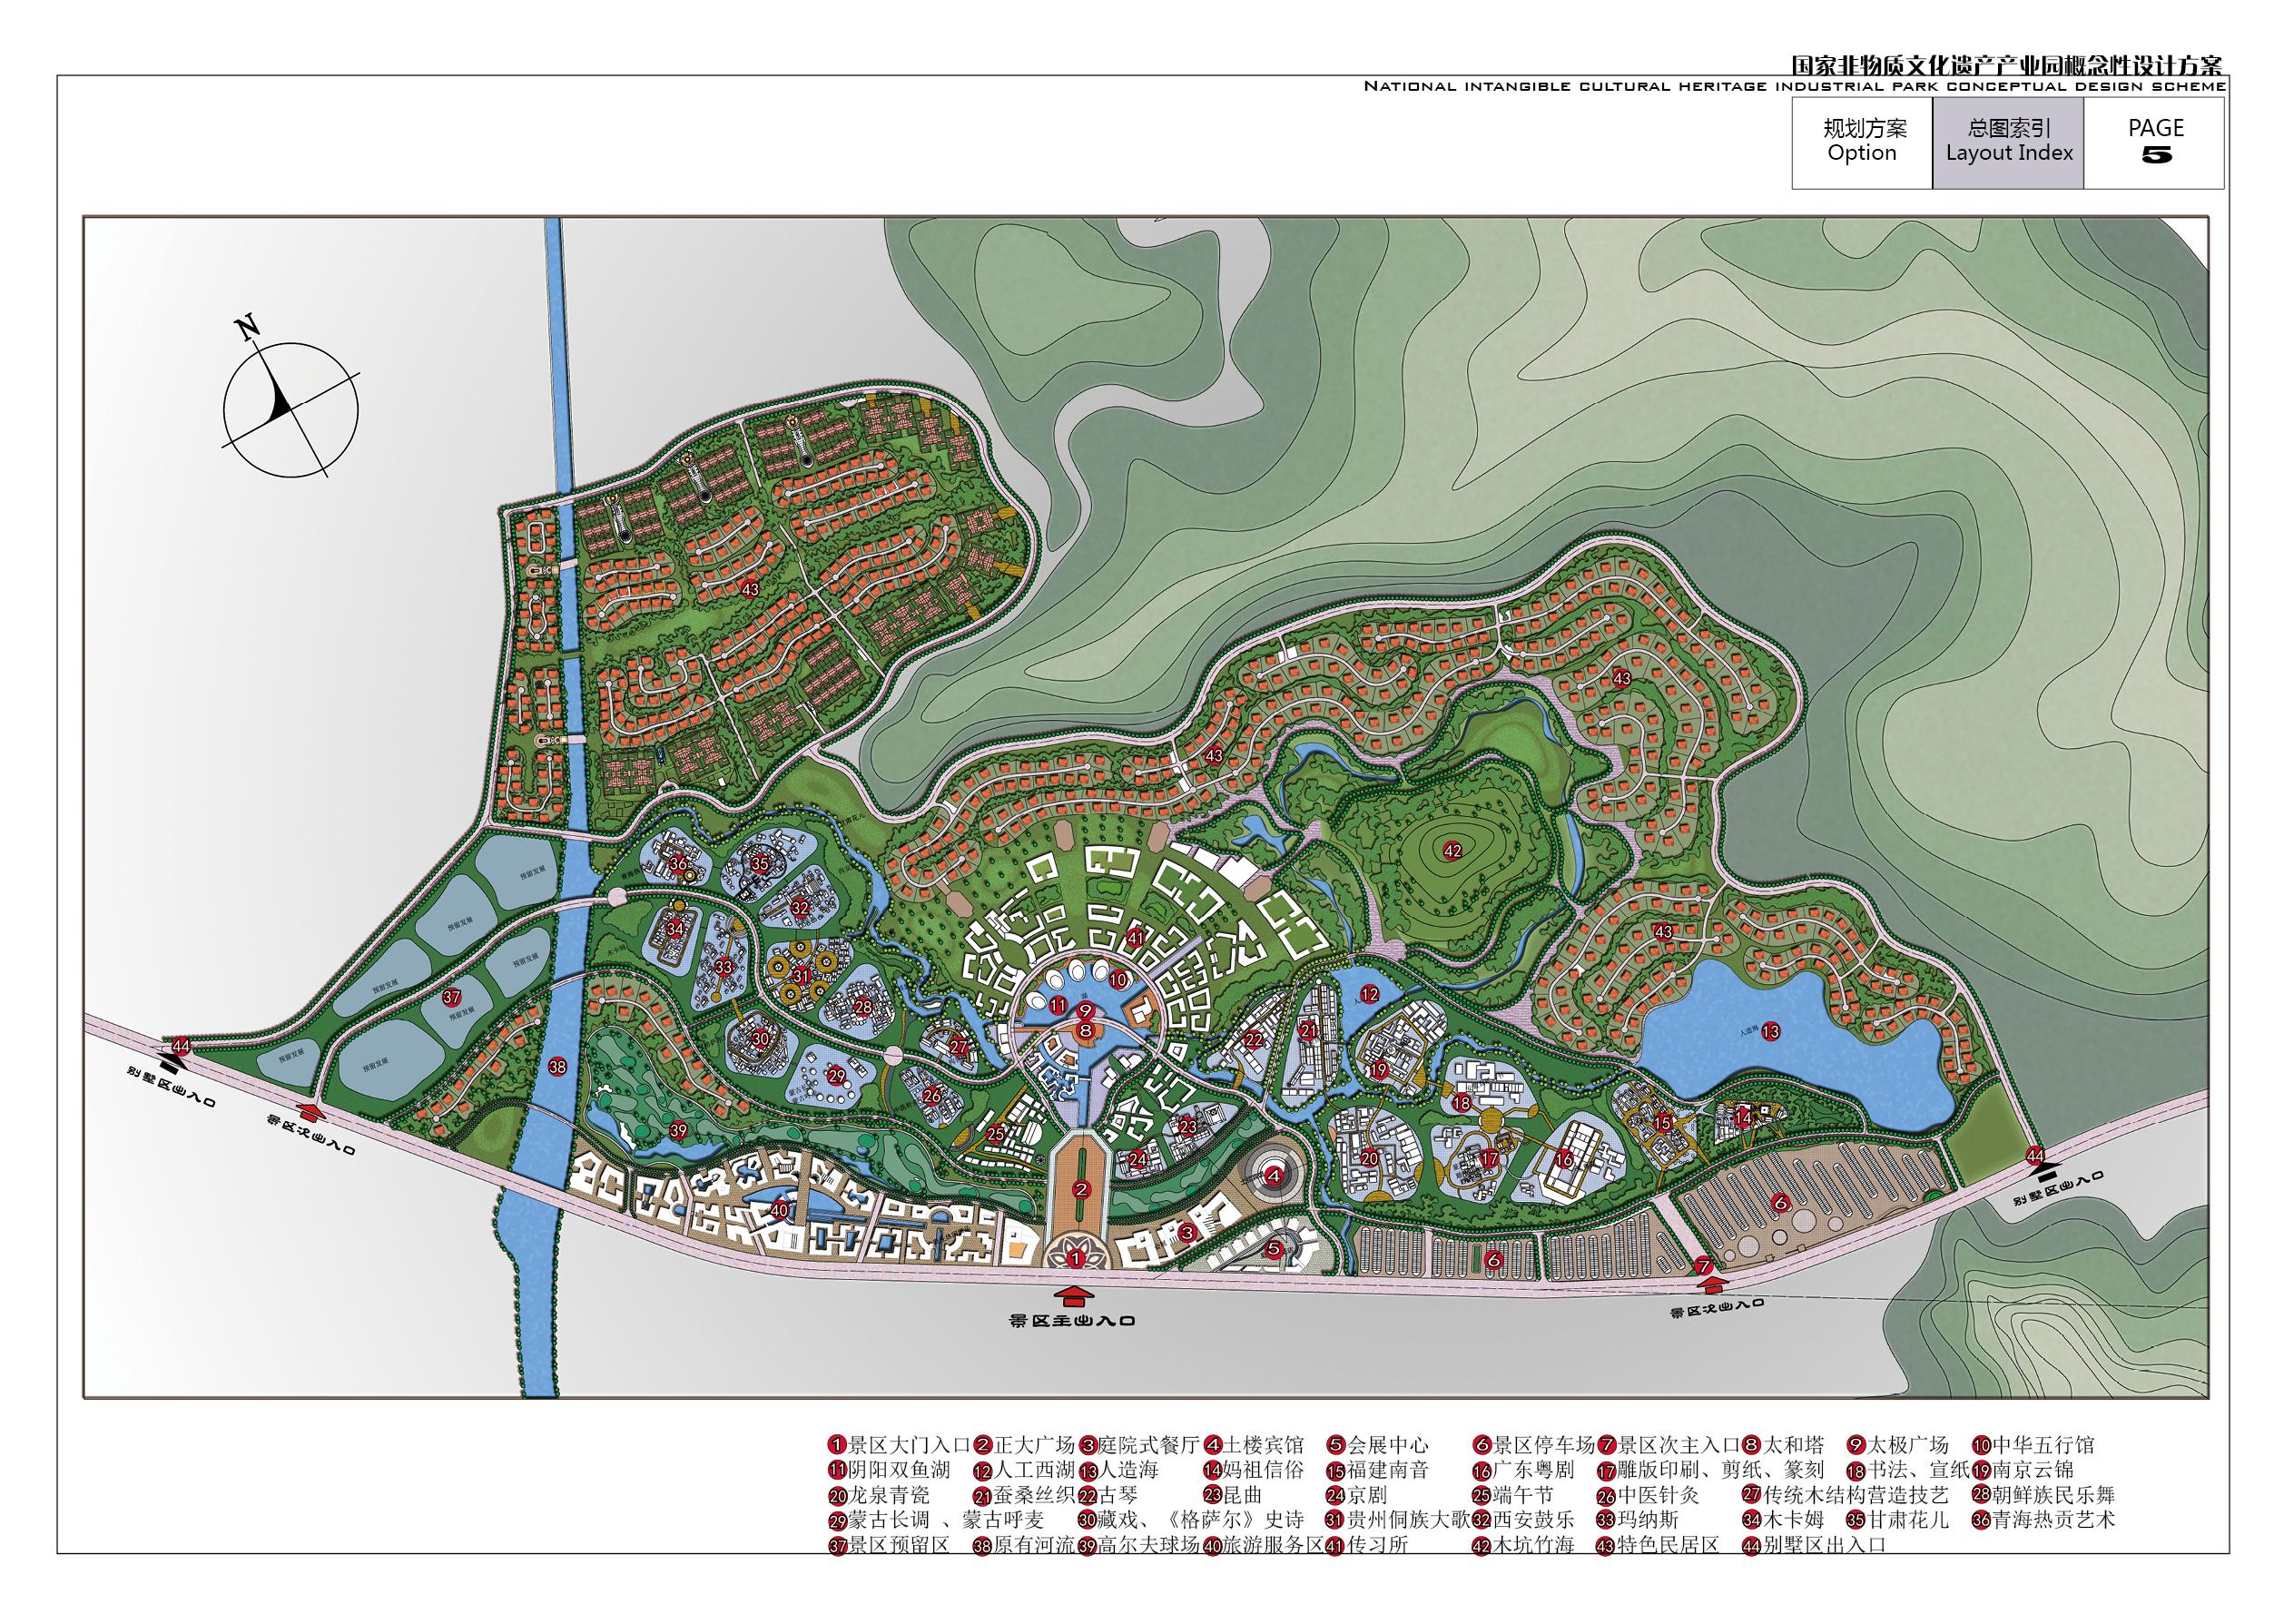 某文化产业园概念规划设计方案图片